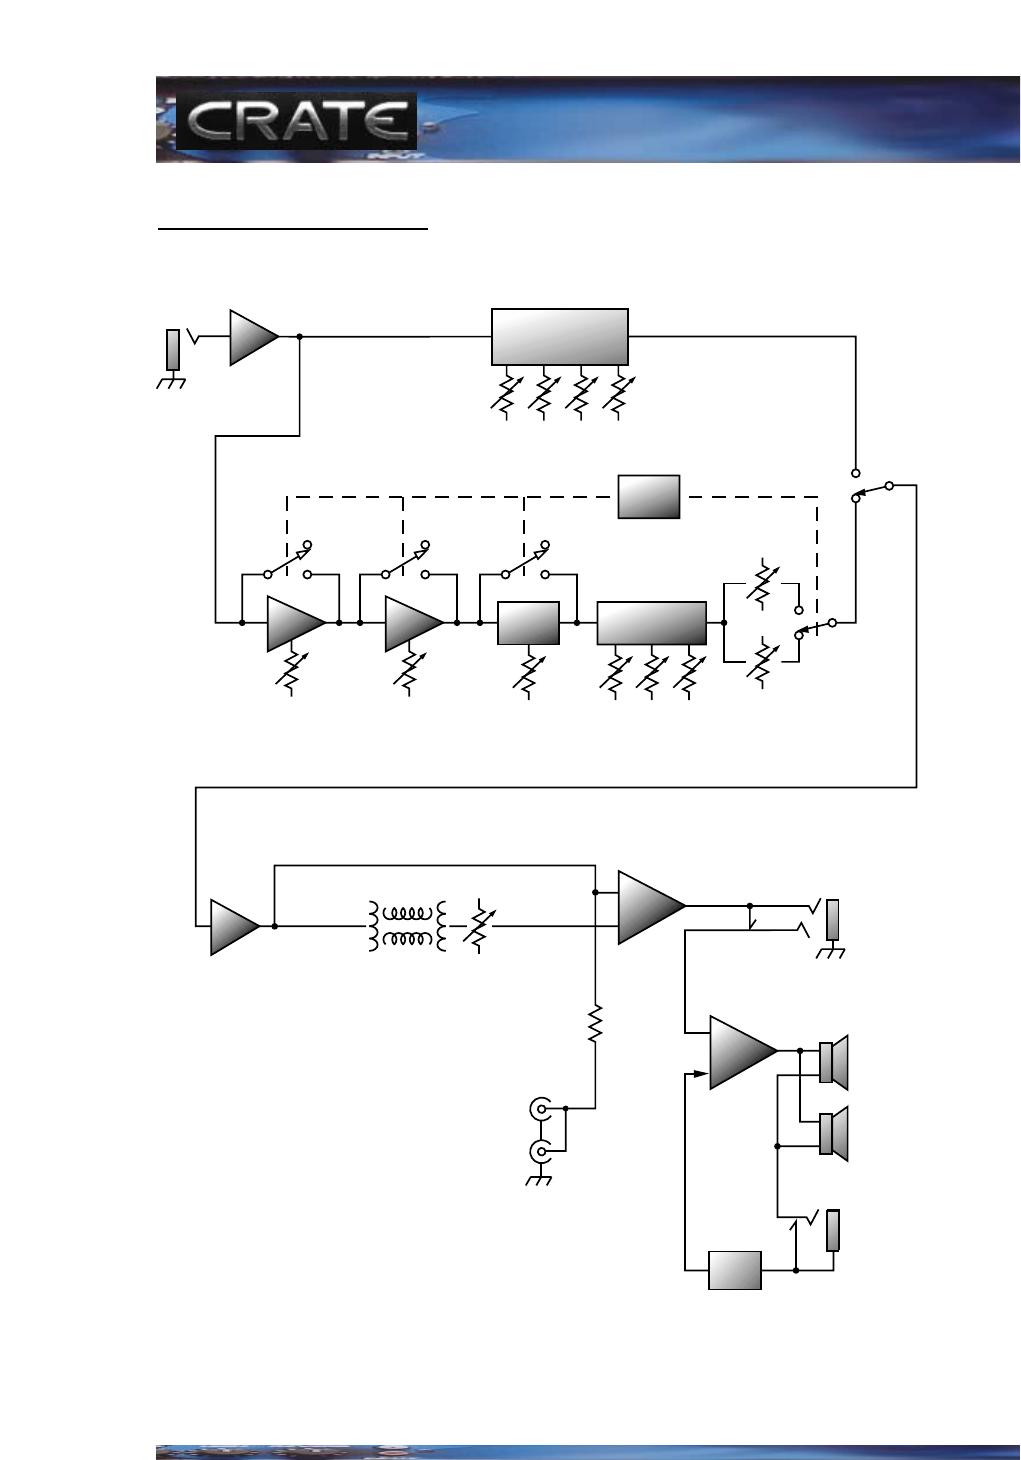 wiring diagram crate guitar amplifier wiring diagram virtual fretboard rh wiring virtual fretboard com Bass Guitar Wiring Schematics Guitar Amp Schematic